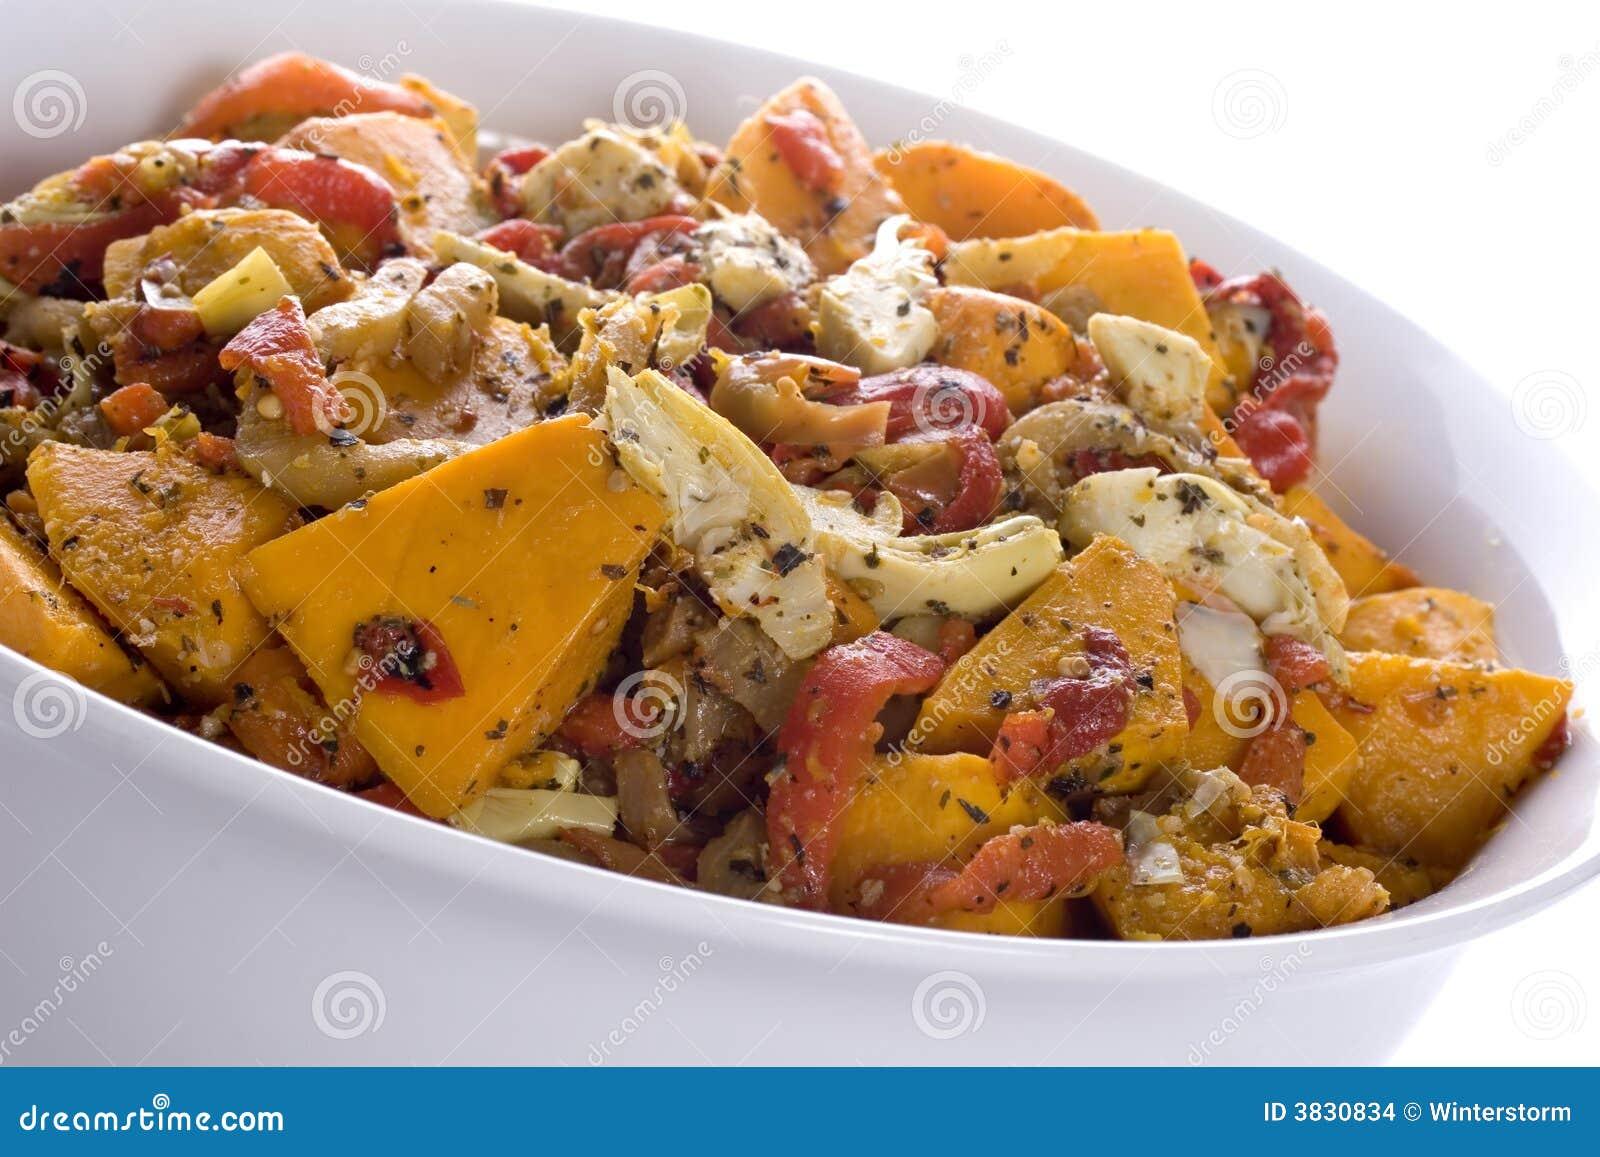 Roast Vegetable Salad Stock Images - Image: 3830834